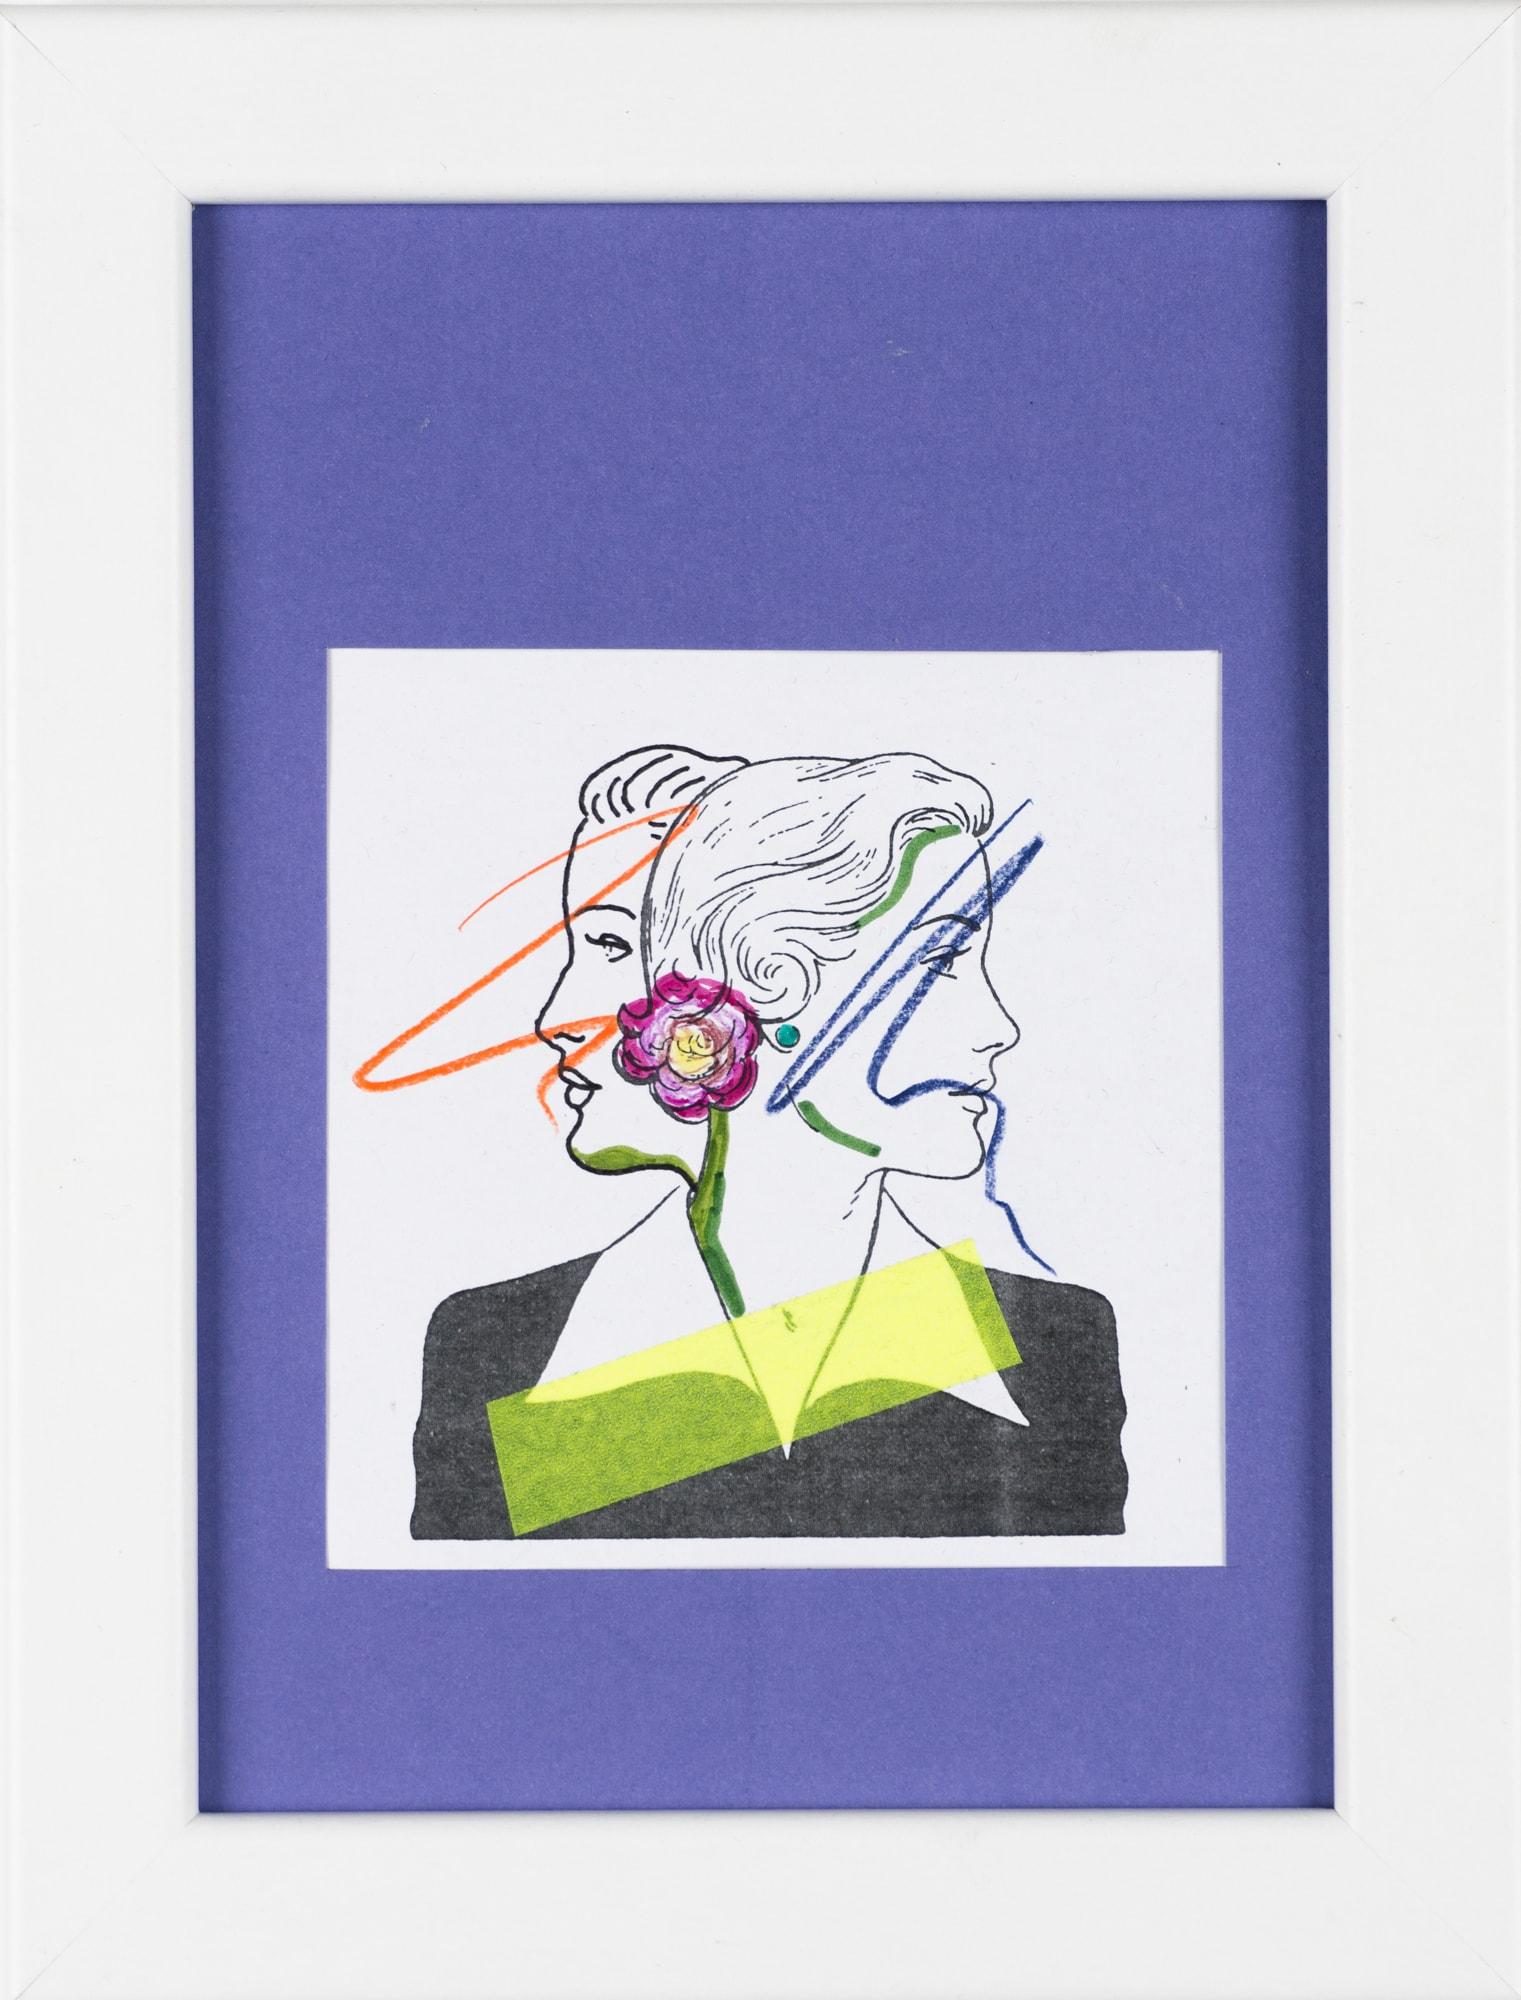 Übermalung und Mischtechnik auf Papier, 9,5x9,7cm, Originalgrafik zum gleichnamigen Booklet, Künstlerin: Franziska King